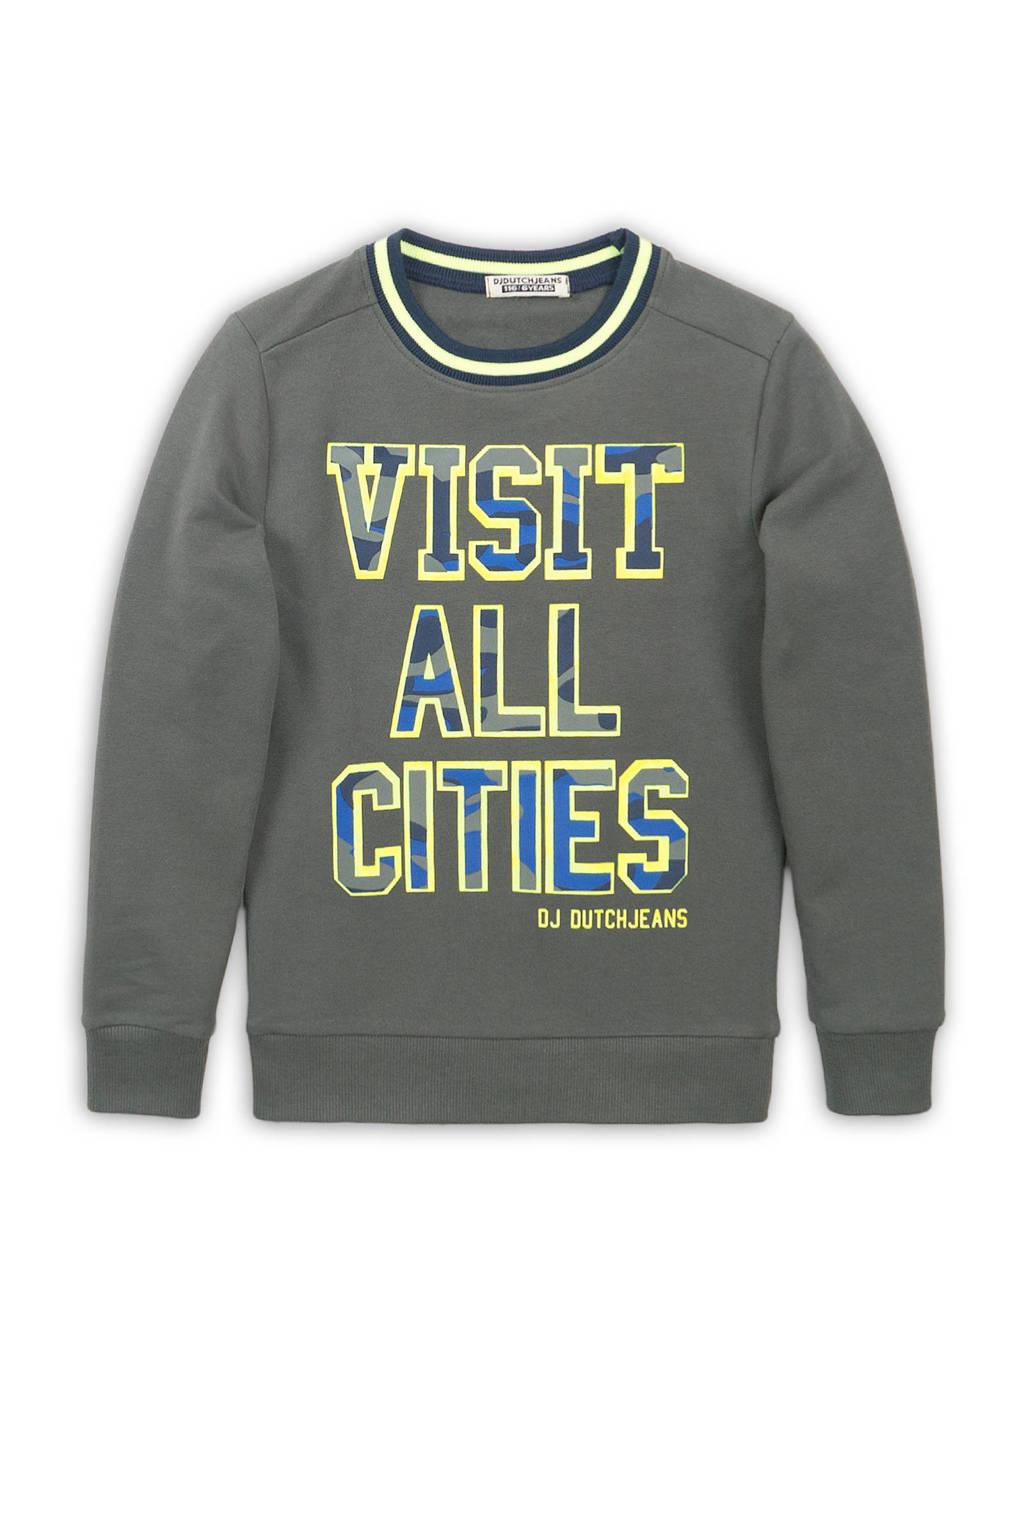 DJ Dutchjeans sweater met tekst army groen/geel/blauw, Army groen/geel/blauw